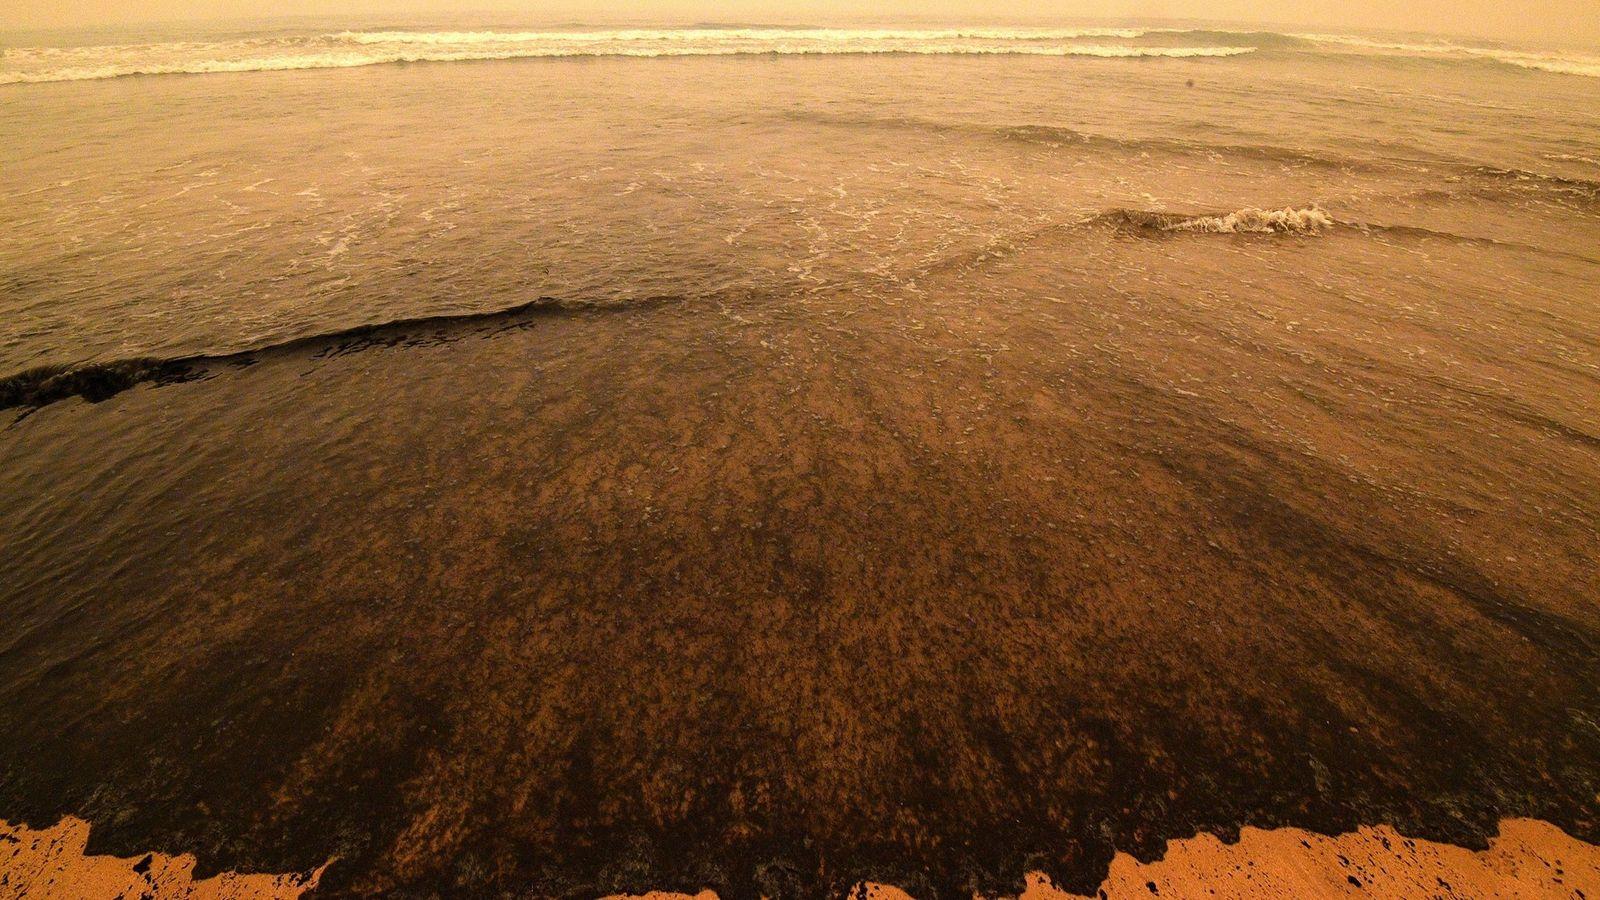 Há diversas semanas, as praias de Nova Gales do Sul, na Austrália, recebem amontoados de cinzas, ...